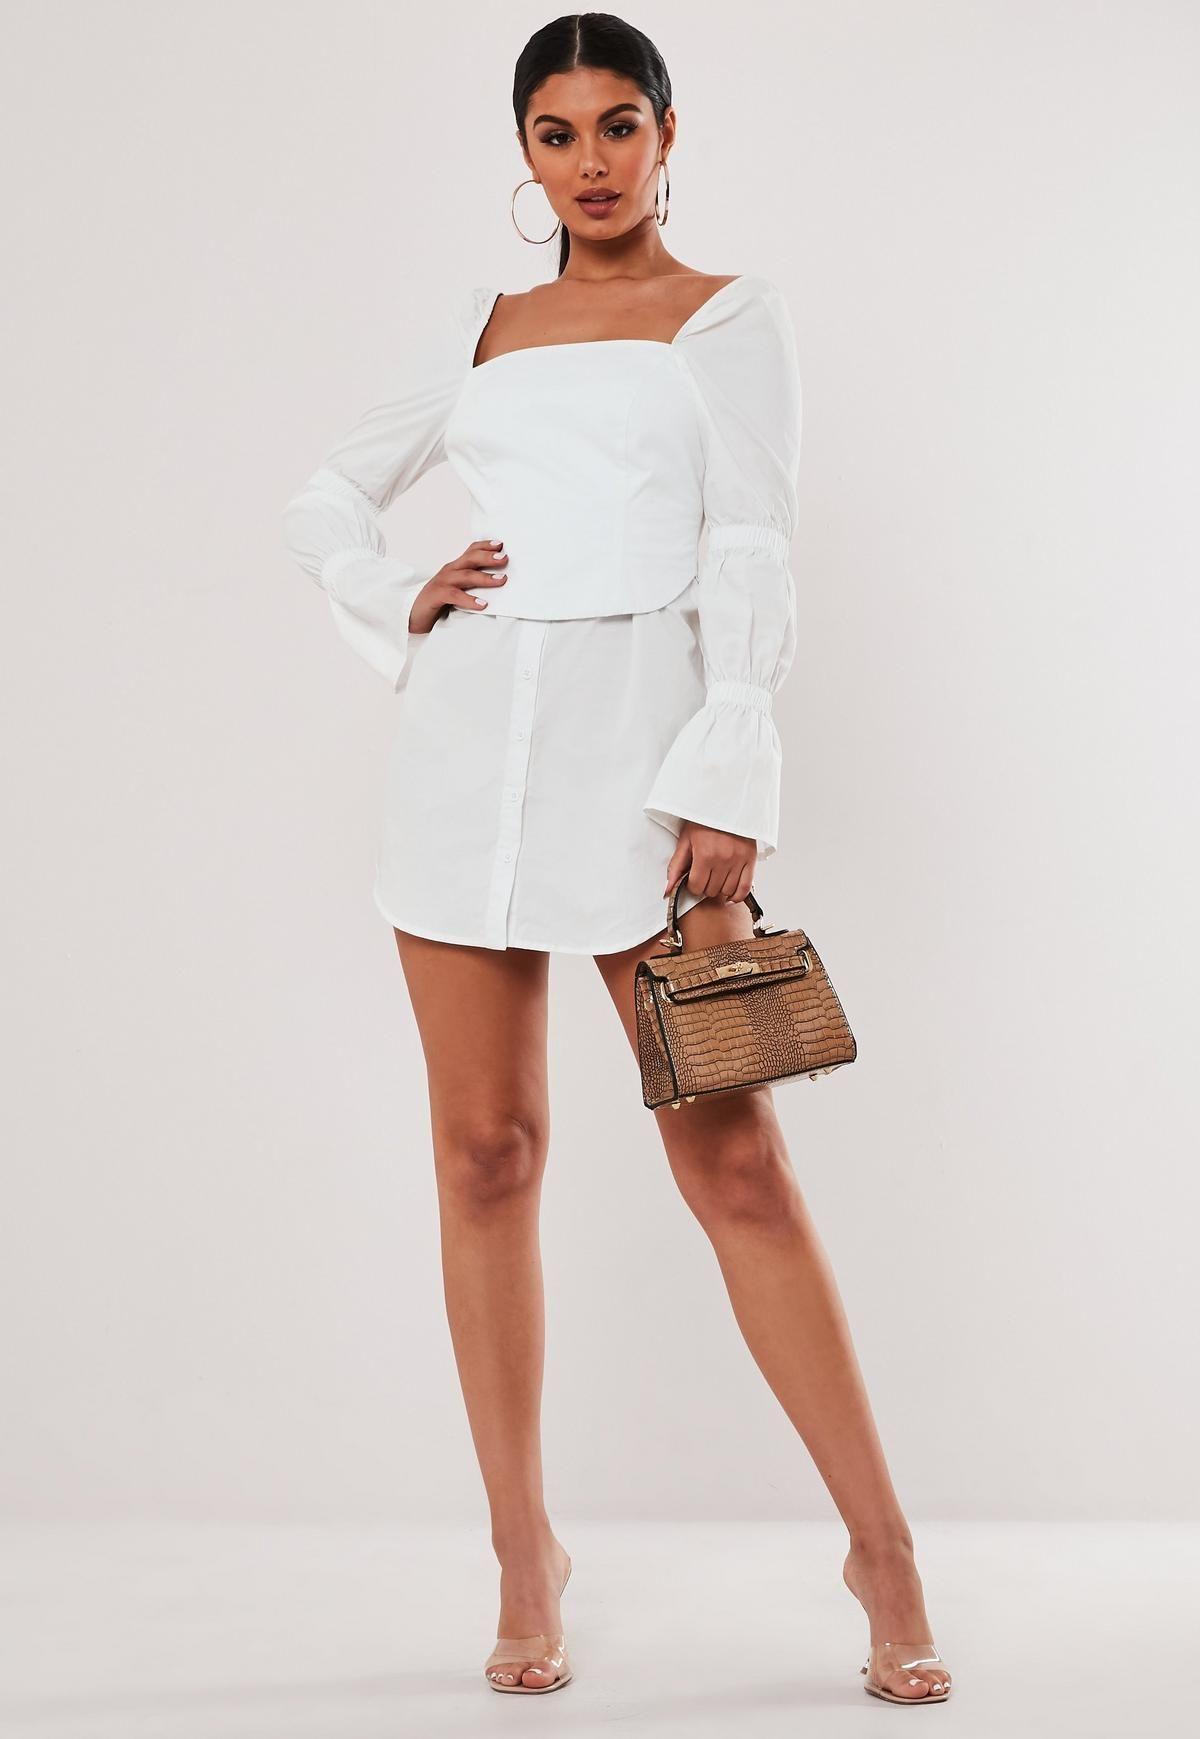 Stassie X Missguided White Poplin Corset Shirt Dress Missguided Trending Dresses Women Dress Online Corset Shirt [ 1739 x 1200 Pixel ]